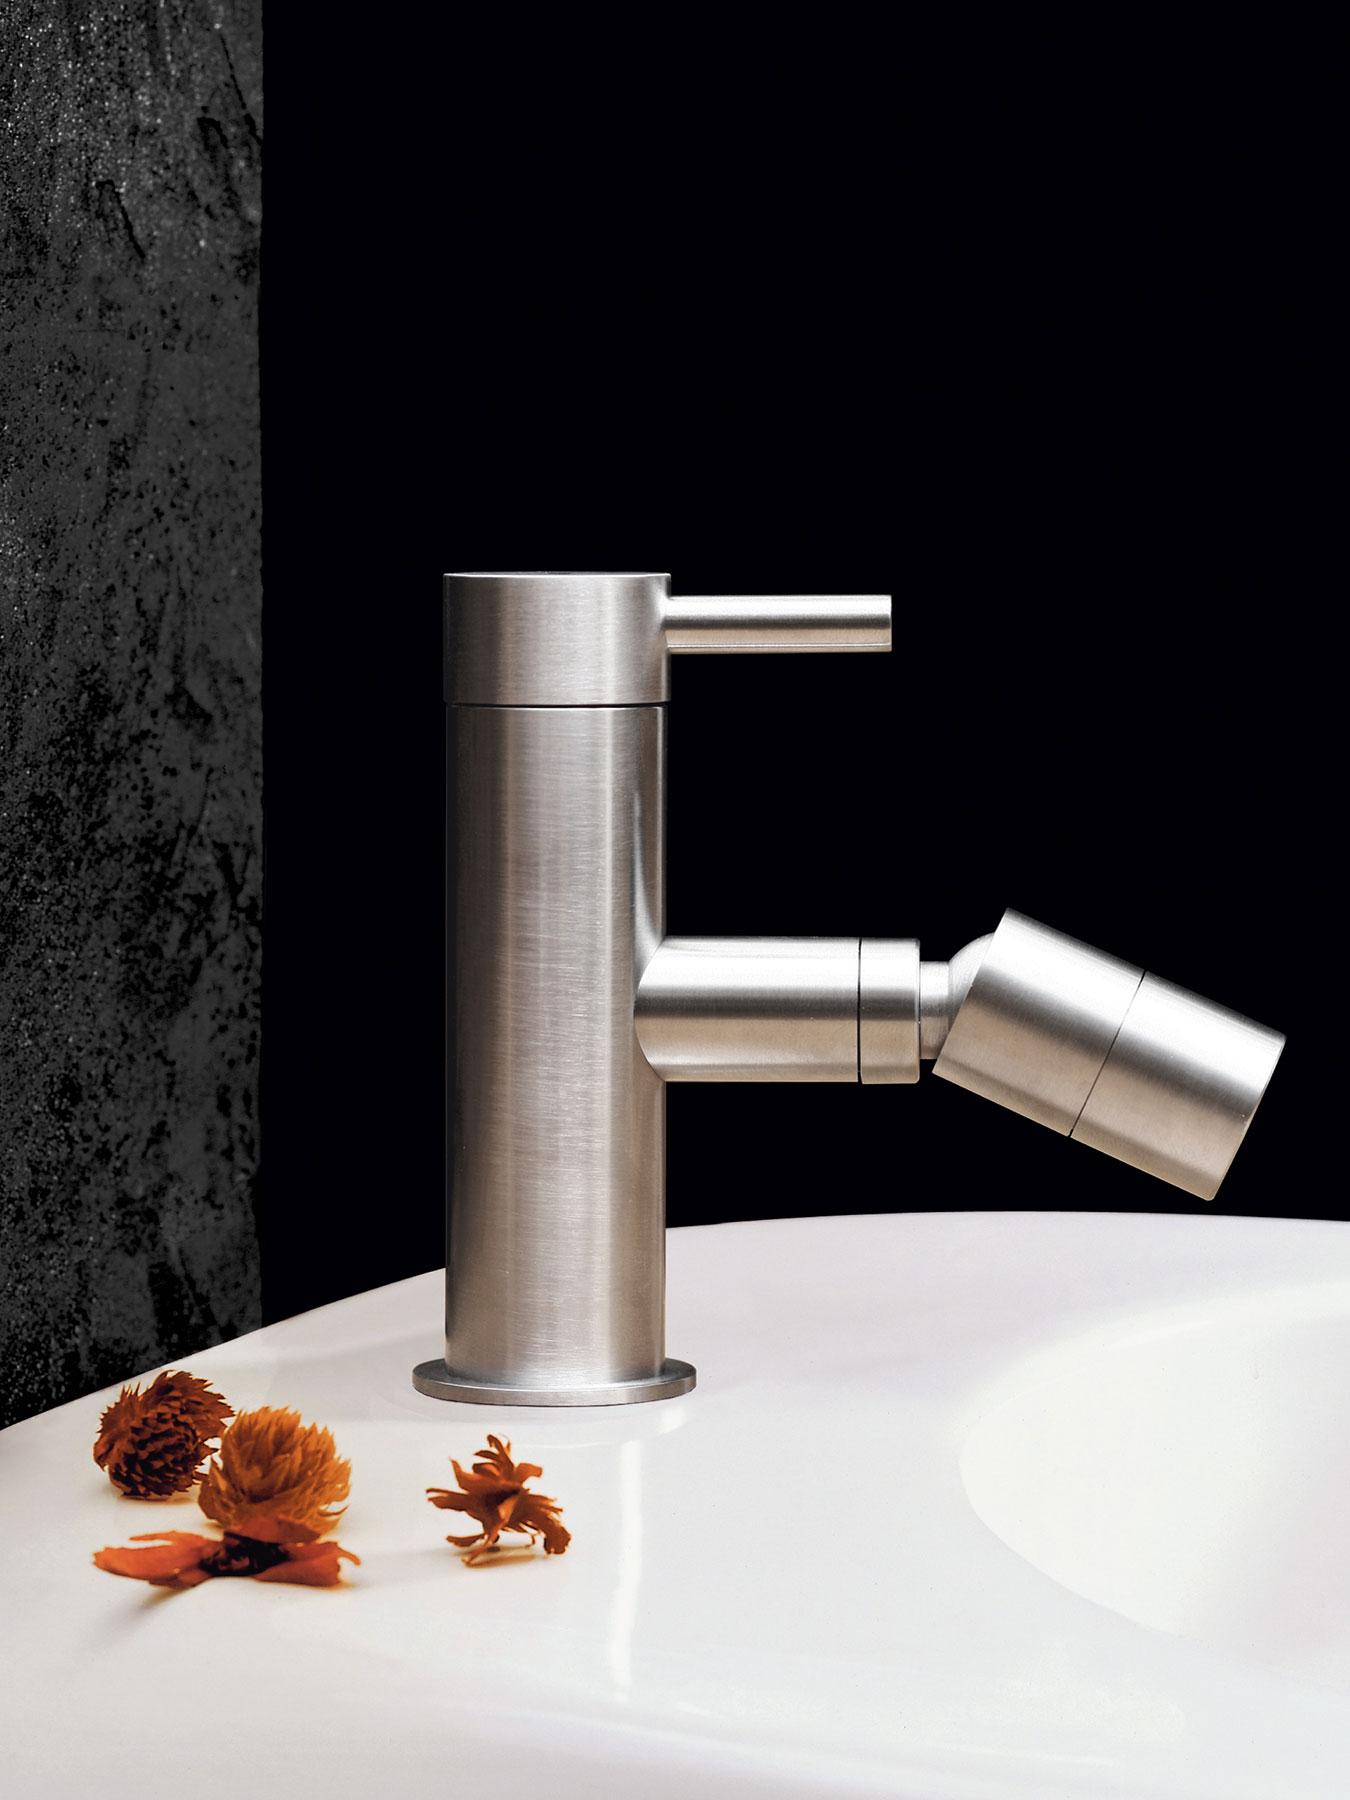 Modern Minimal Beauty Deck Mount Bidet Faucet